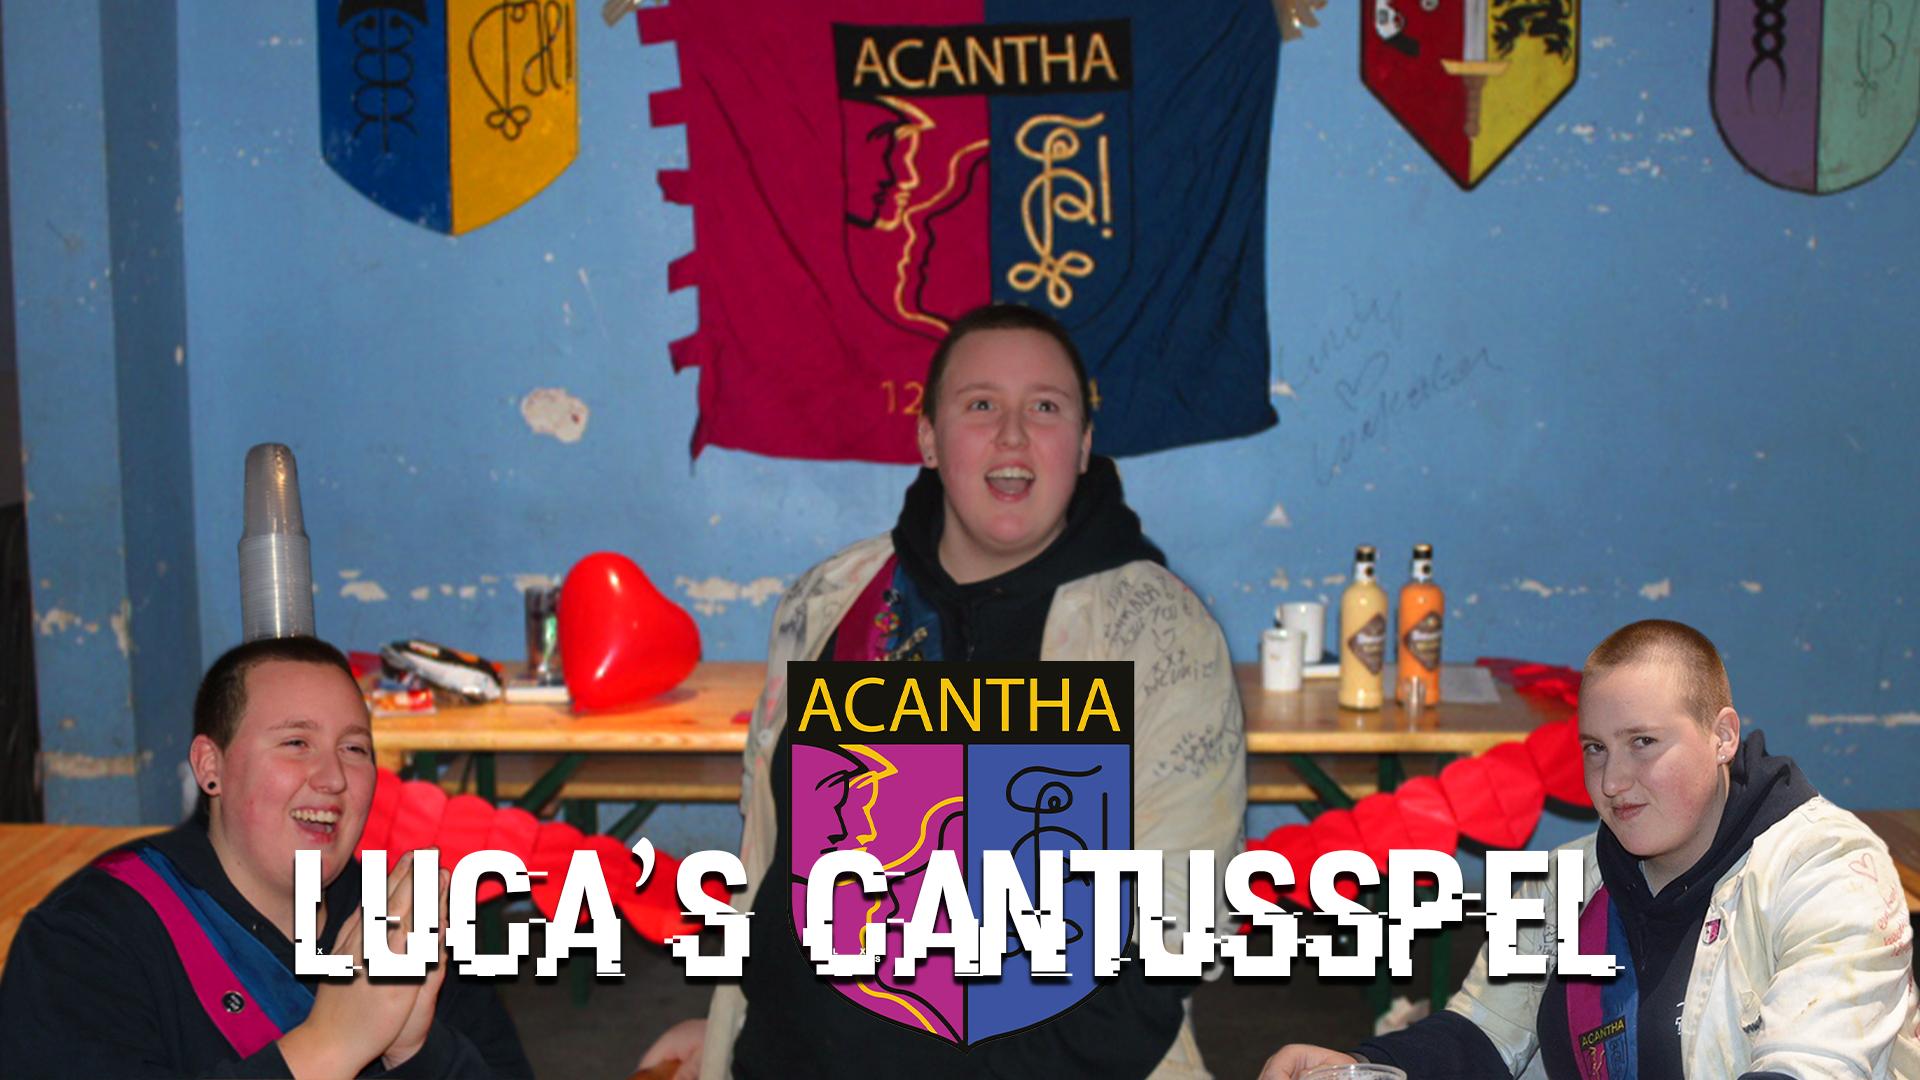 Cantusspel Acantha Online